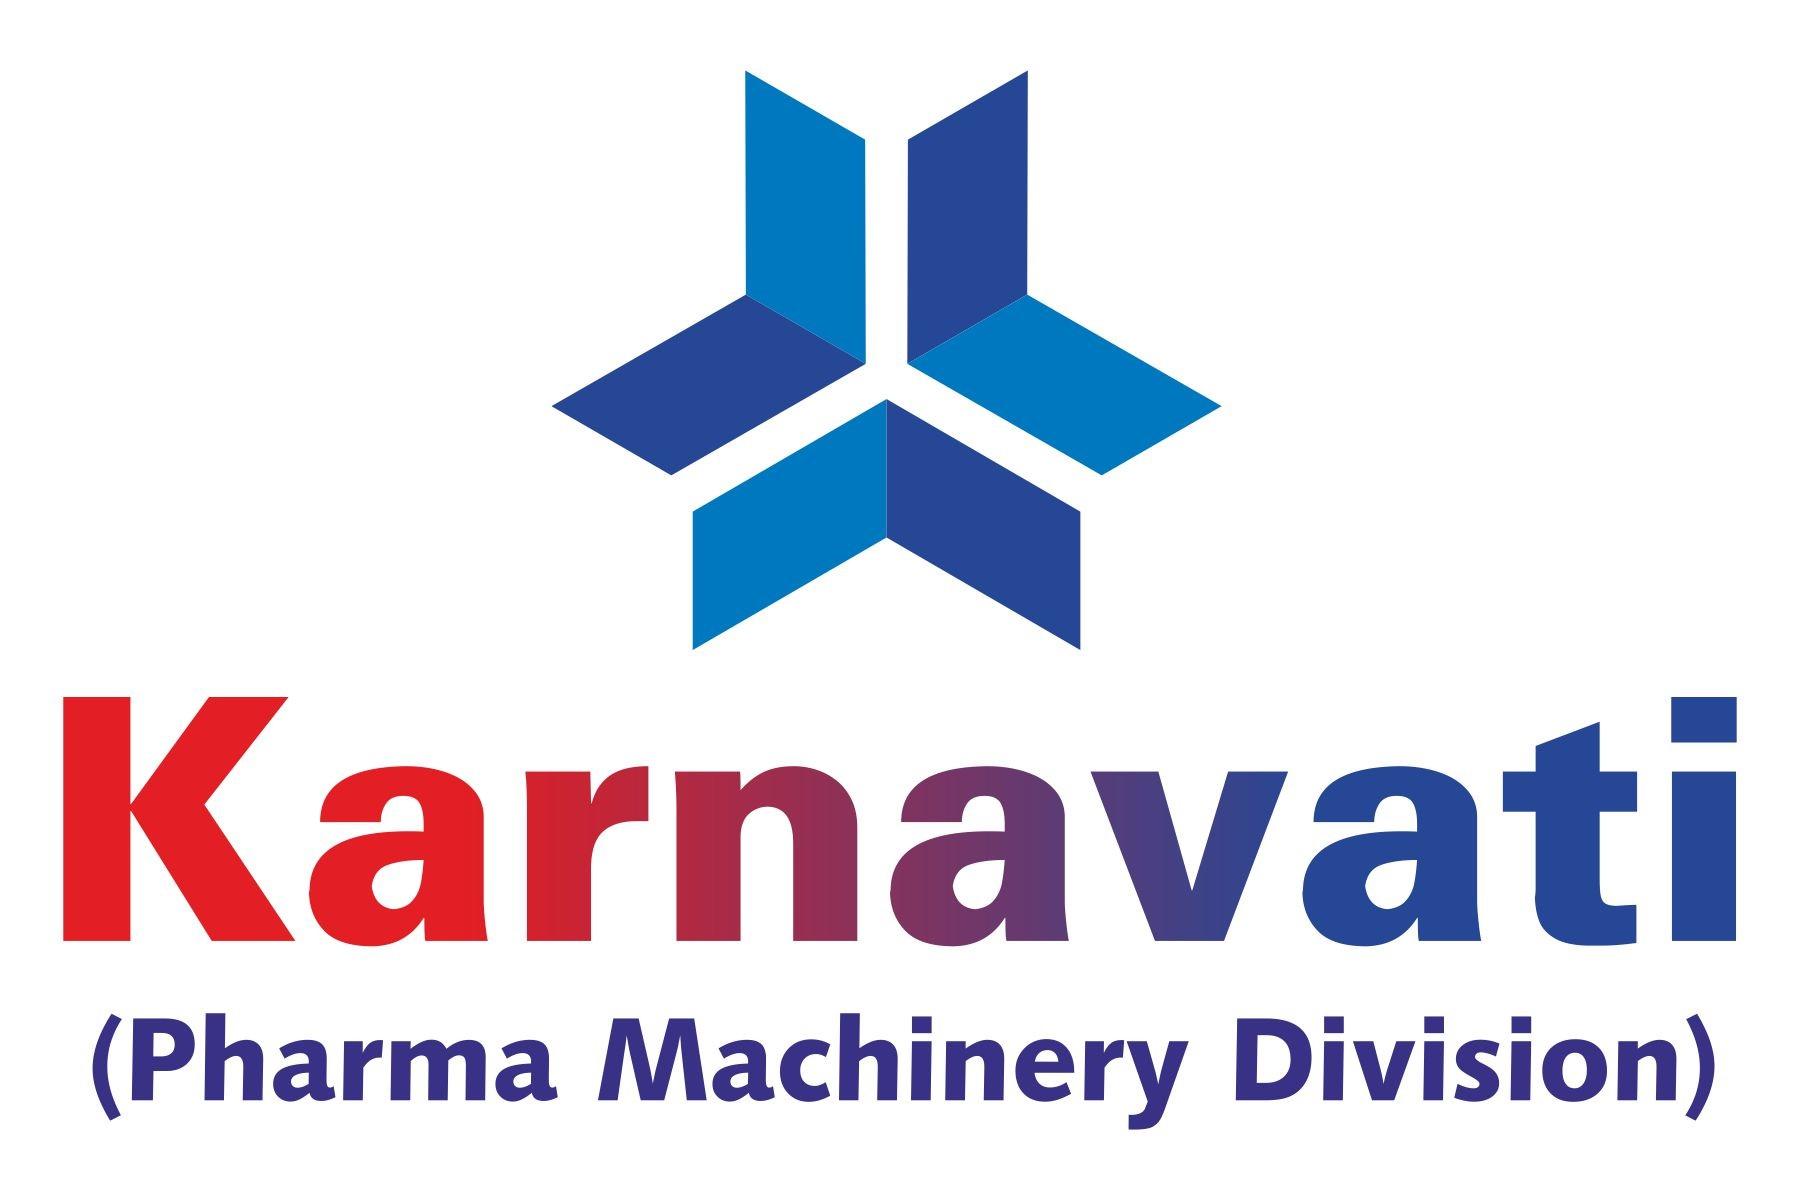 Karnavati Engineering Limited